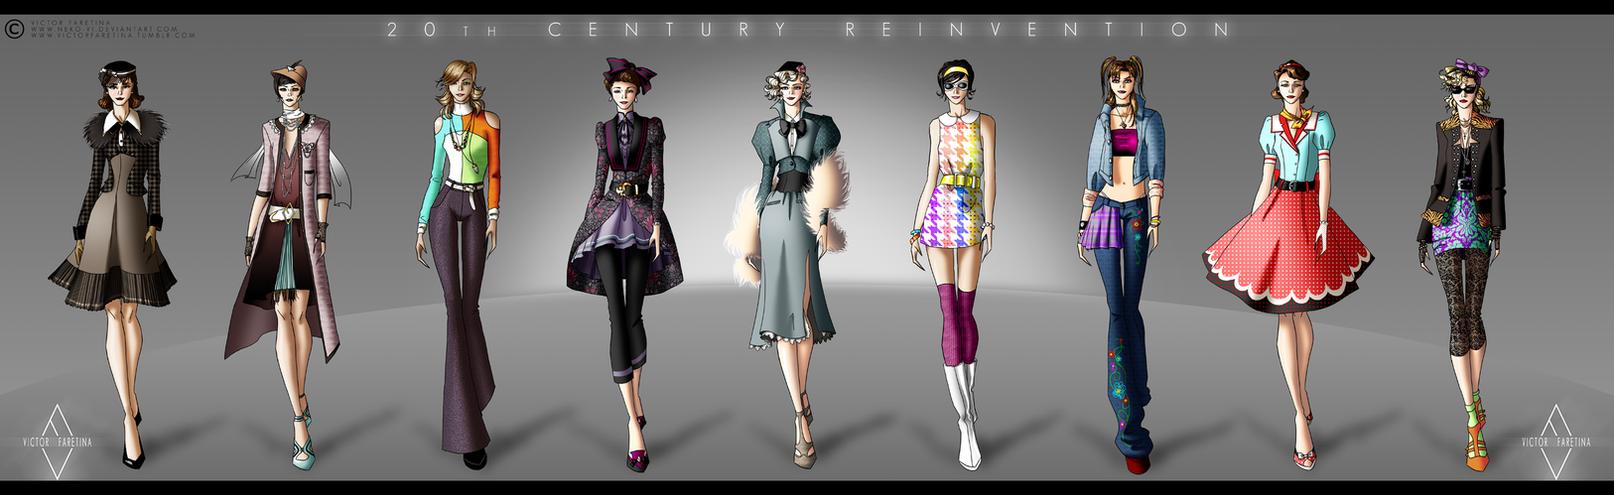 20th Century Reinvention by Neko-Vi